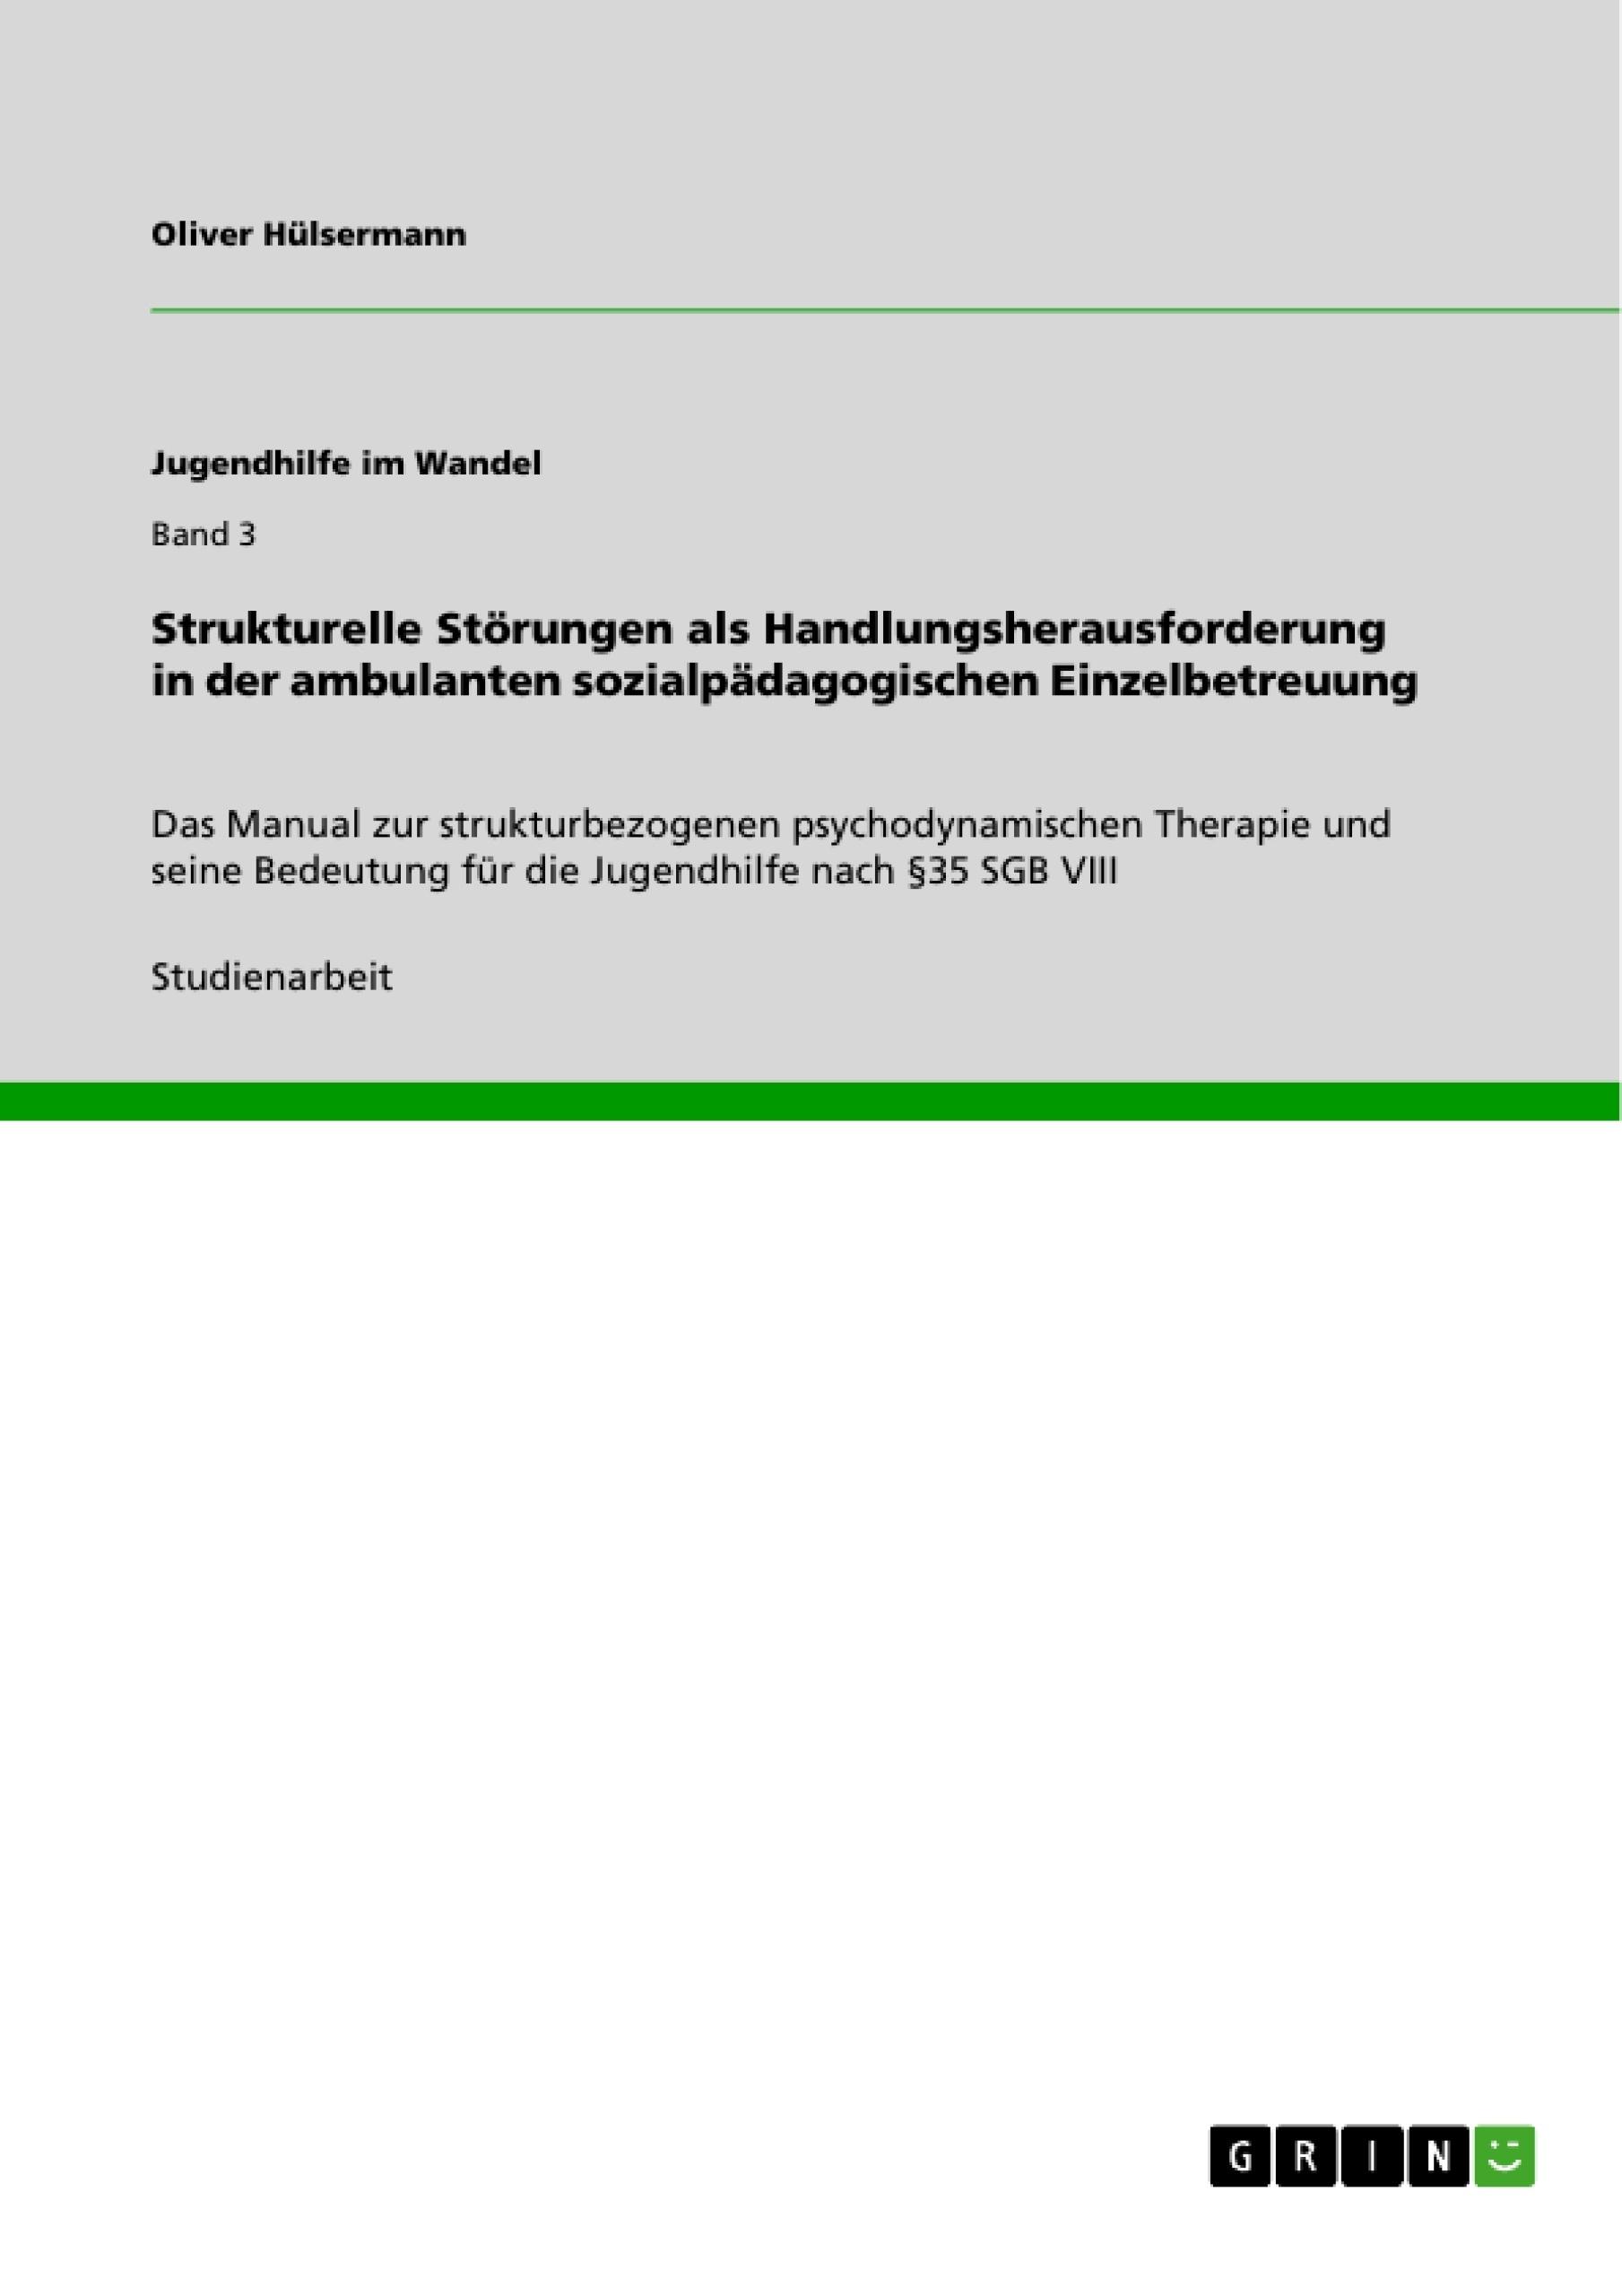 Titel: Strukturelle Störungen als Handlungsherausforderung in der ambulanten sozialpädagogischen Einzelbetreuung